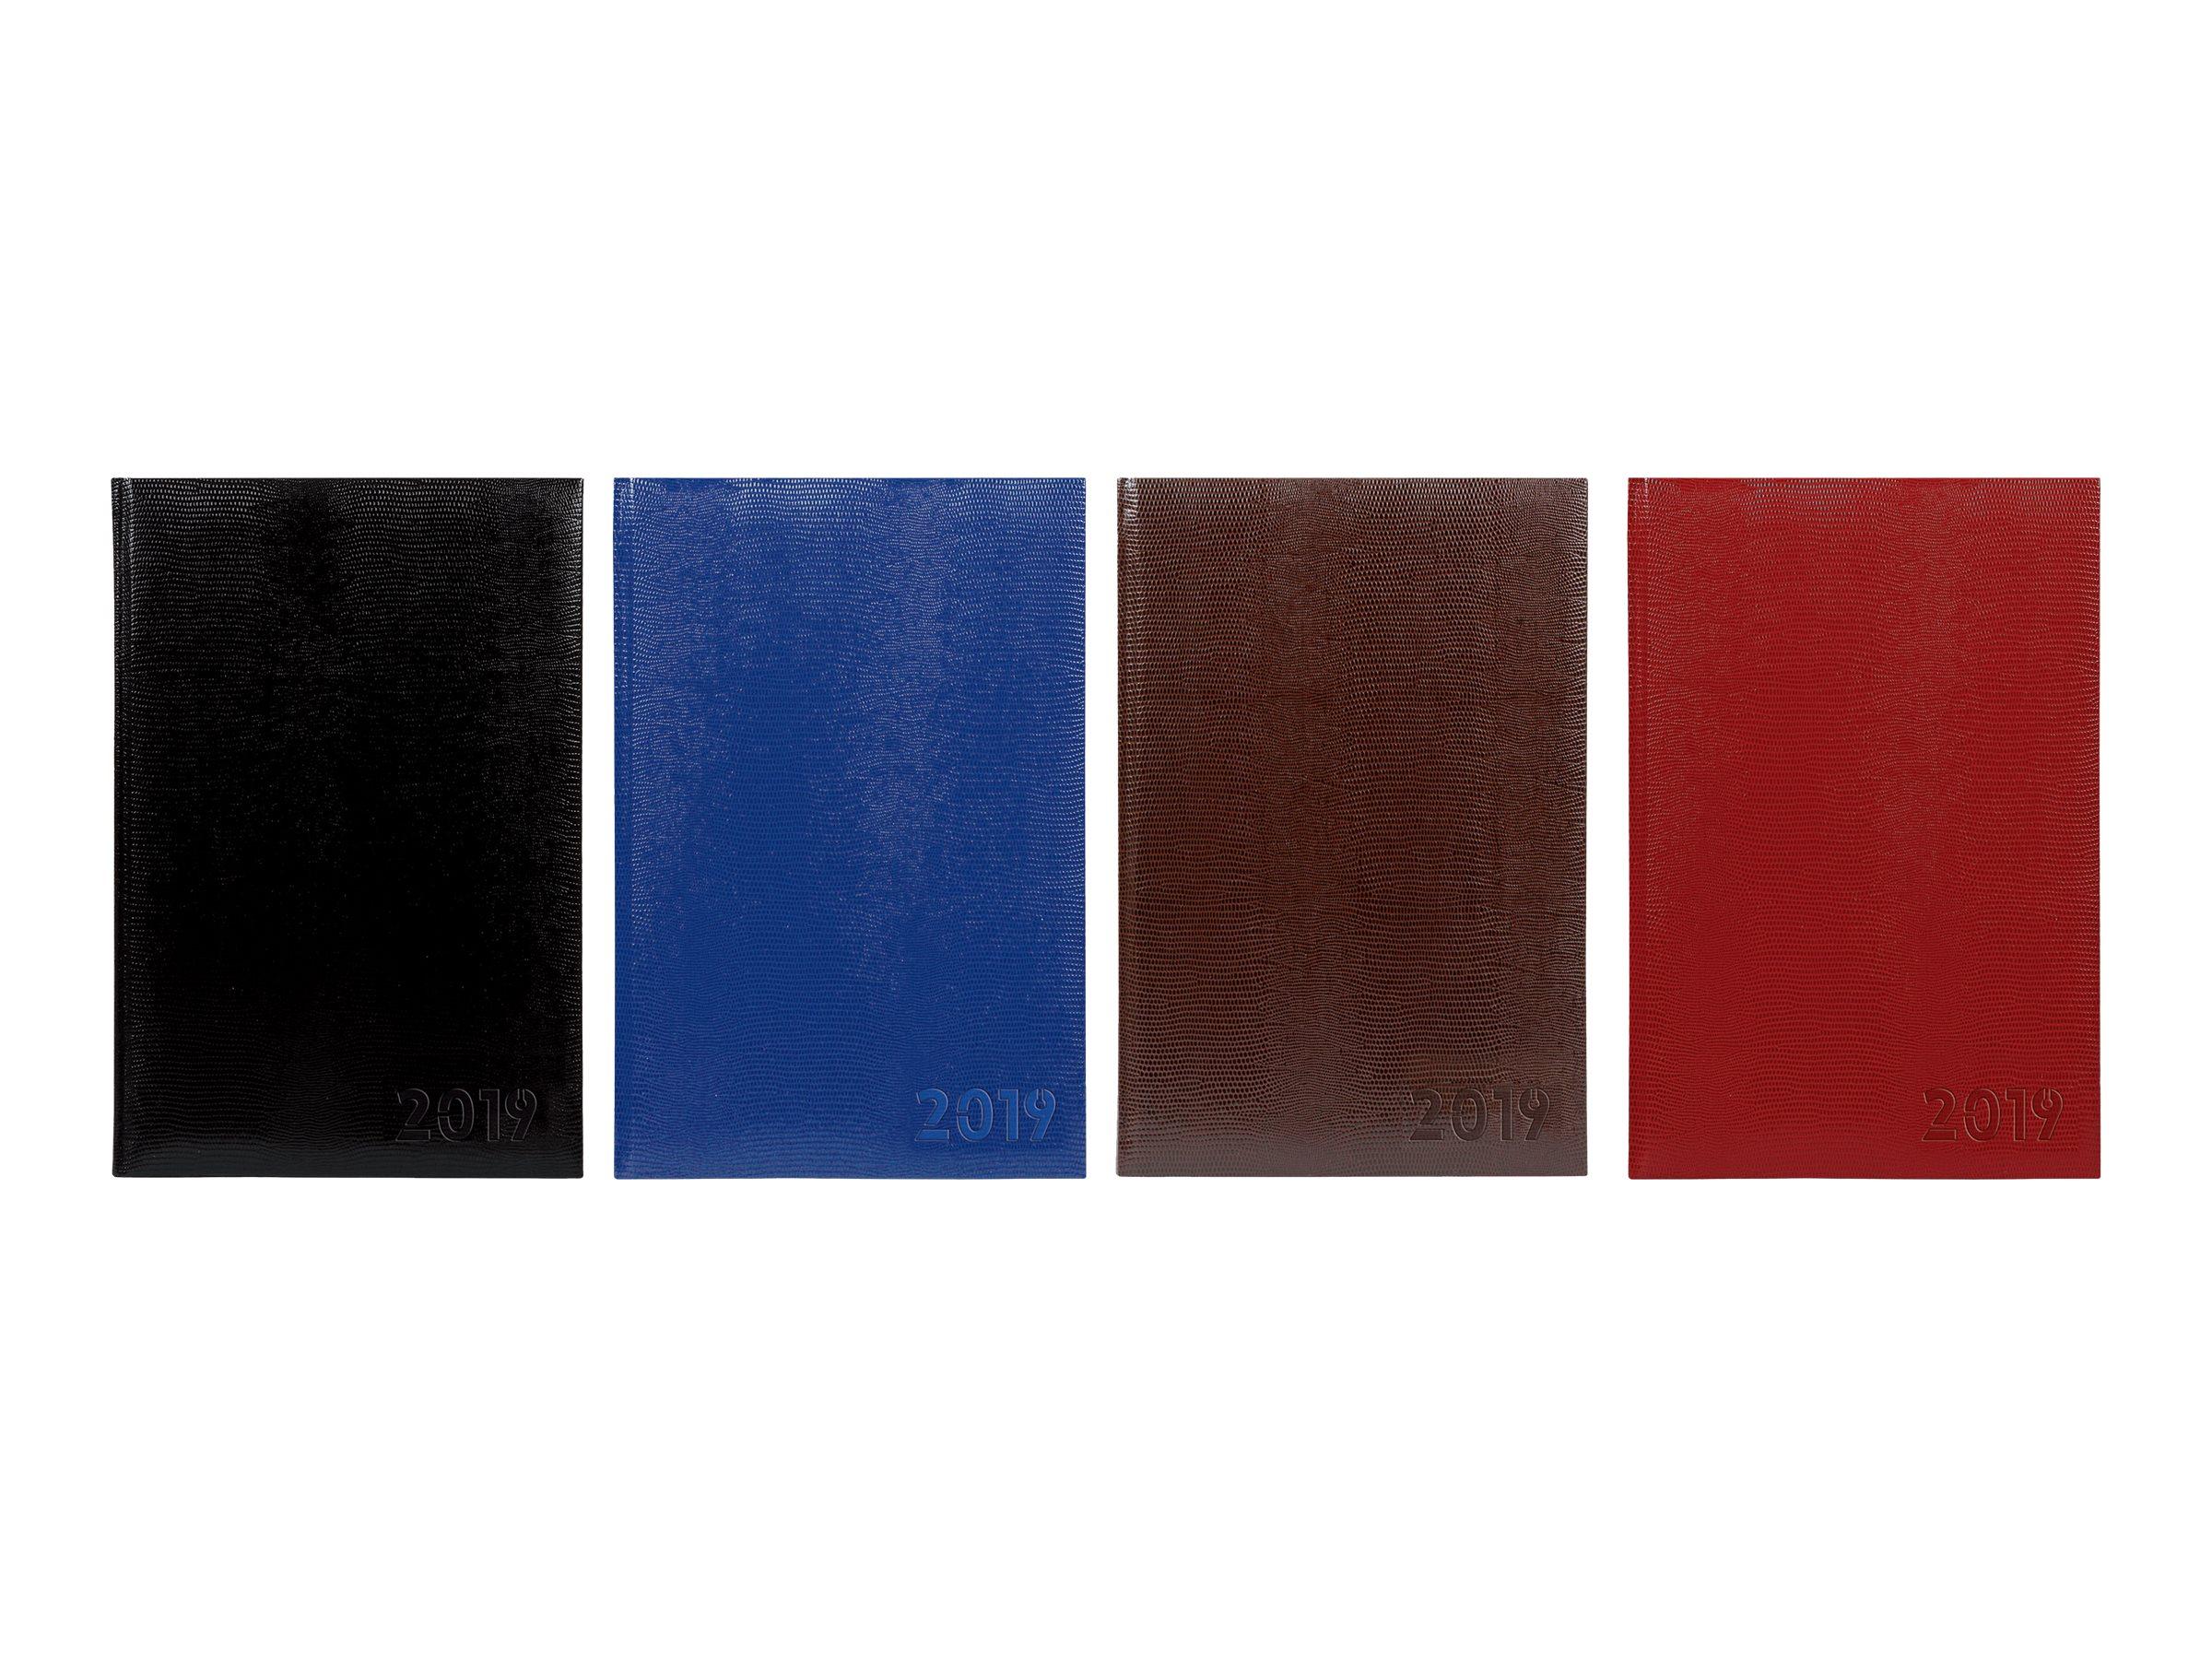 Lecas Lézard - Agenda 1 semaine sur 2 pages - 21 x 27 cm - disponible en différentes couleurs